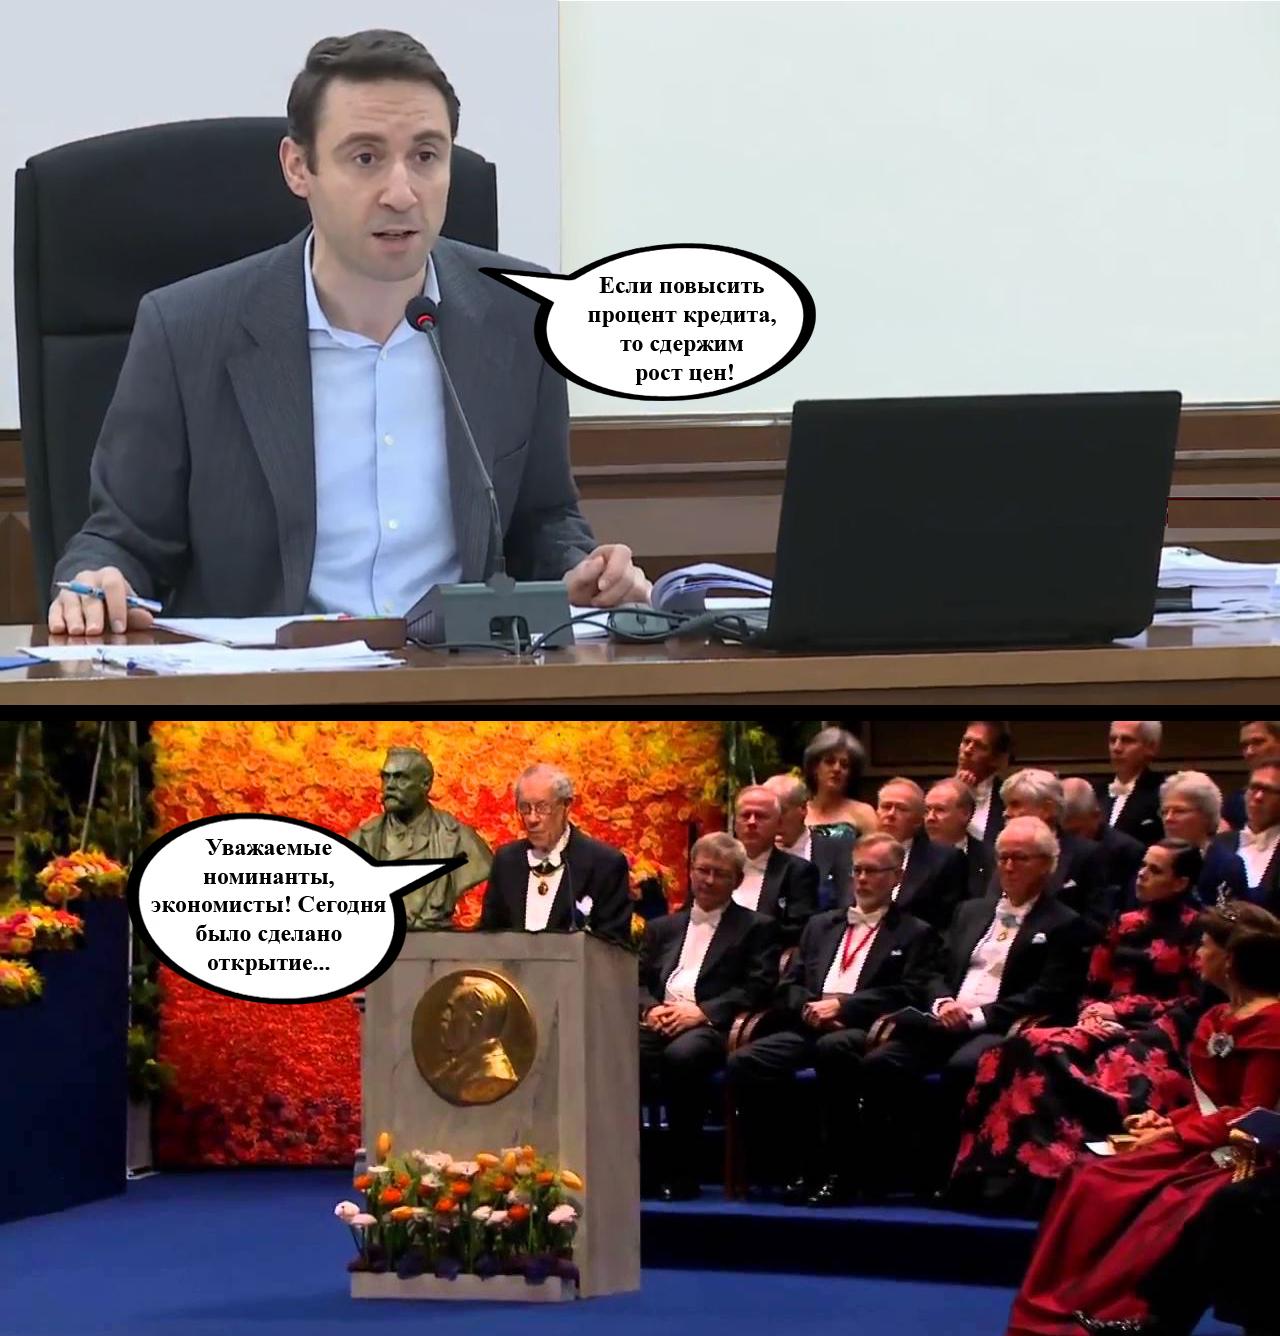 Оставить тысячу докторов и кандидатов наук и назначить комика мэром Еревана